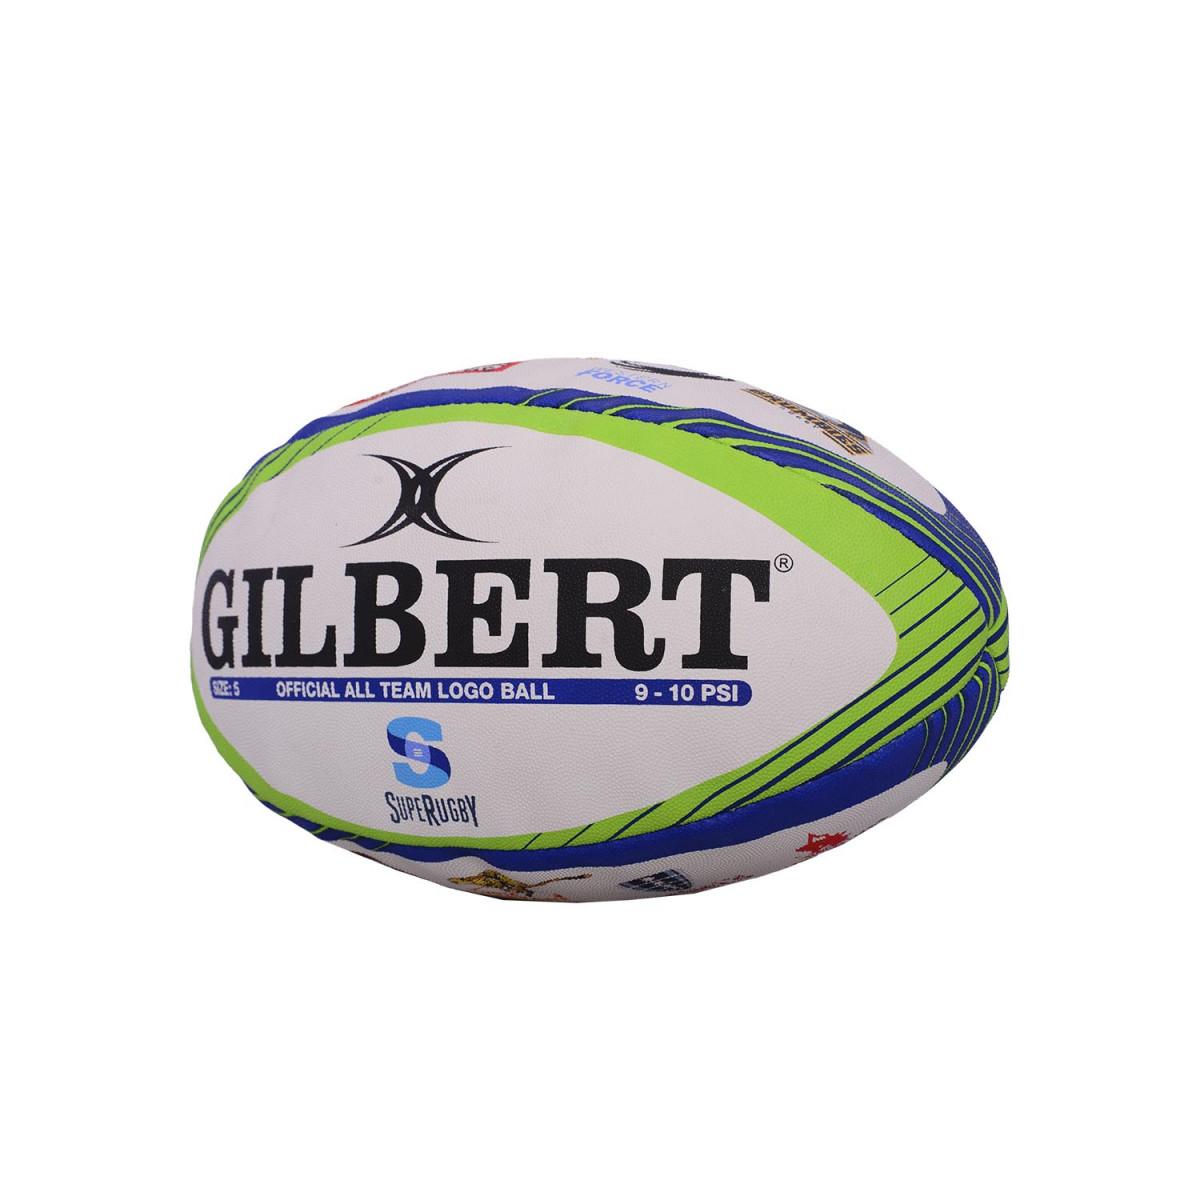 Pelota Gilbert Super Rugby